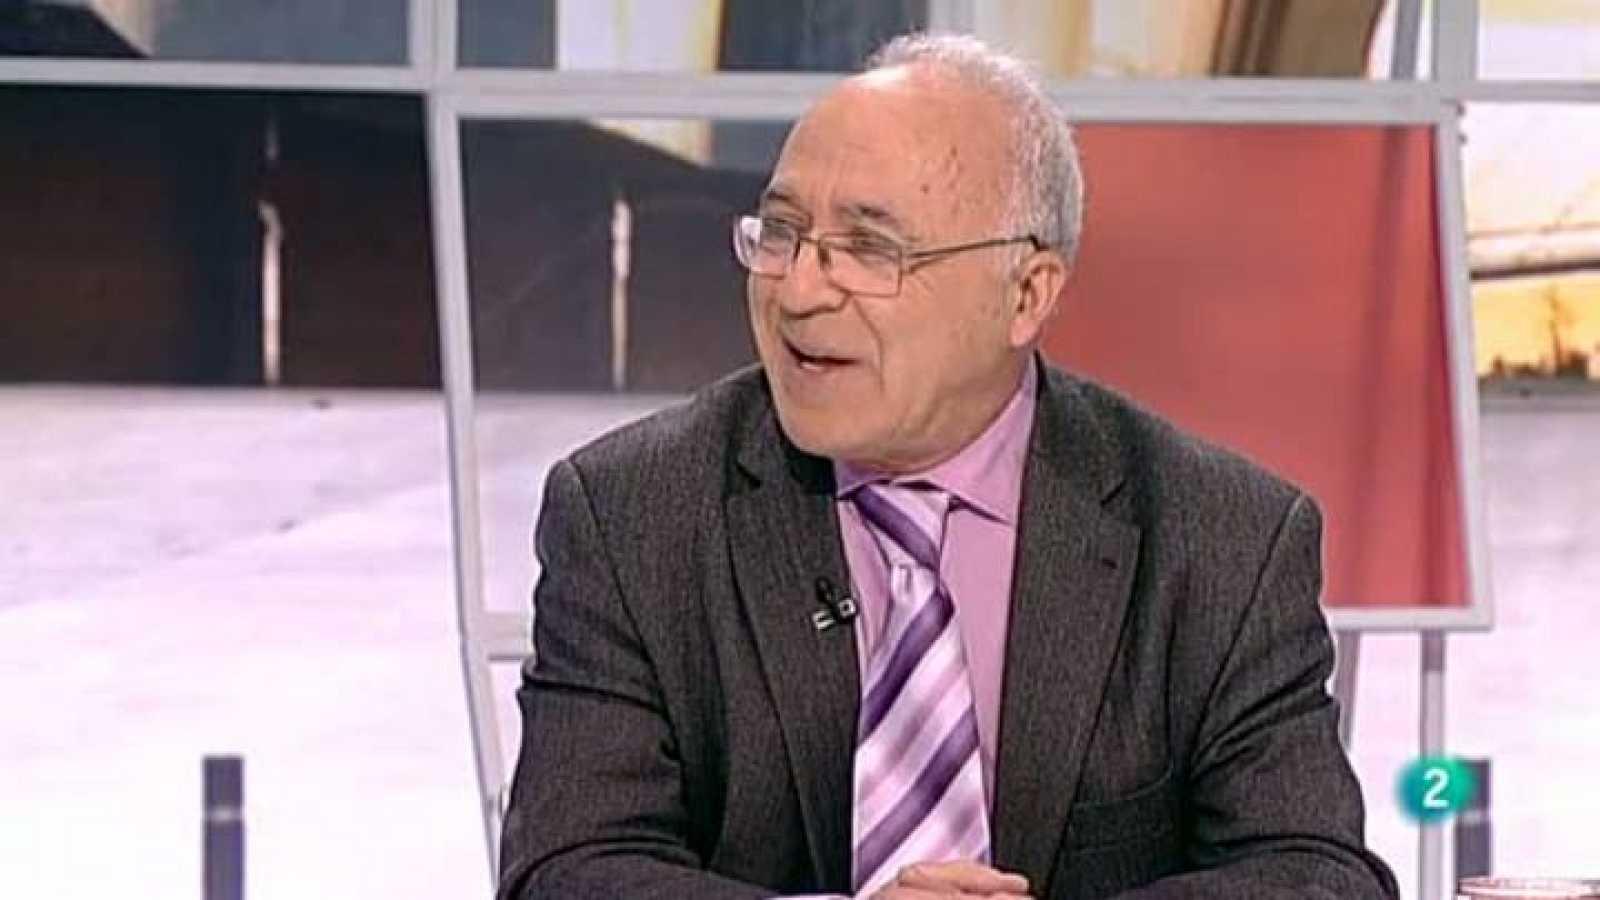 Para Todos La 2 - Entrevista a Juan José Tamayo sobre la conciencia crítica del intelectual